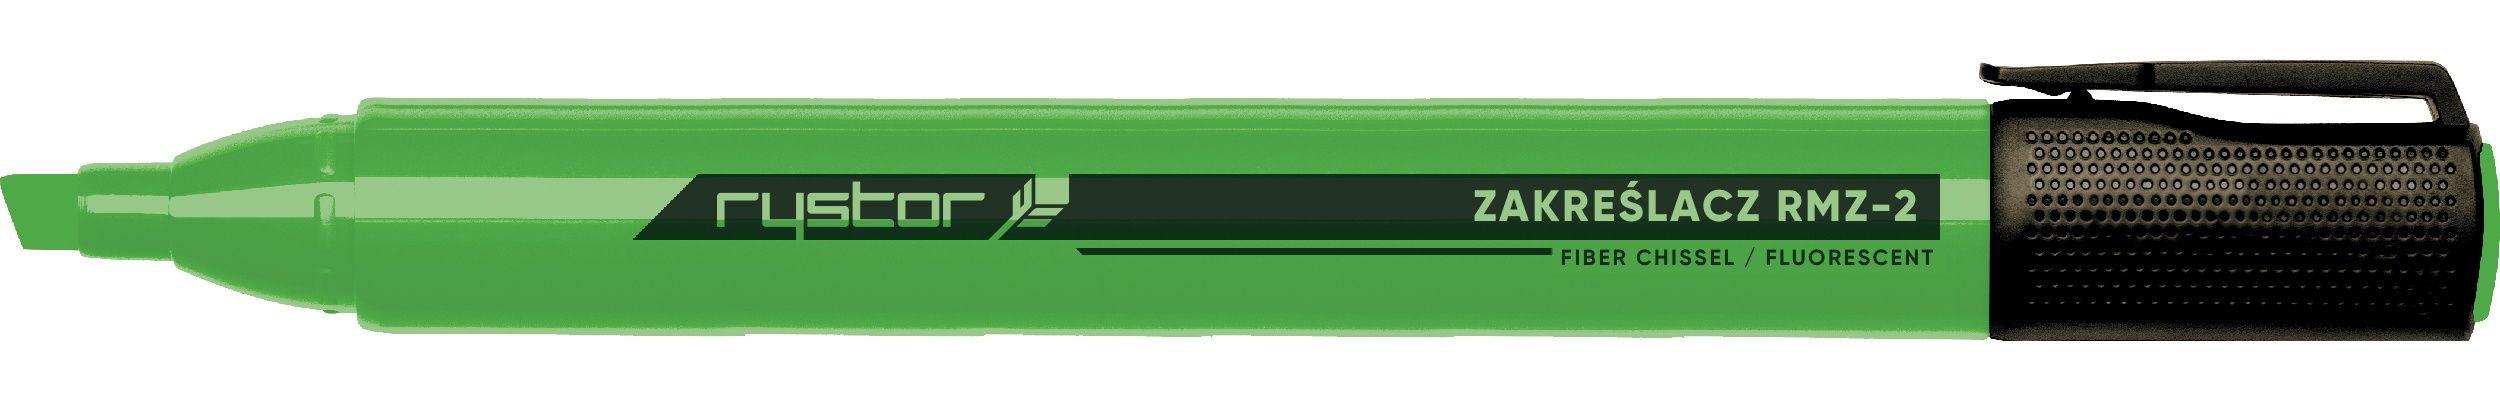 Zakreślacz RMZ-2